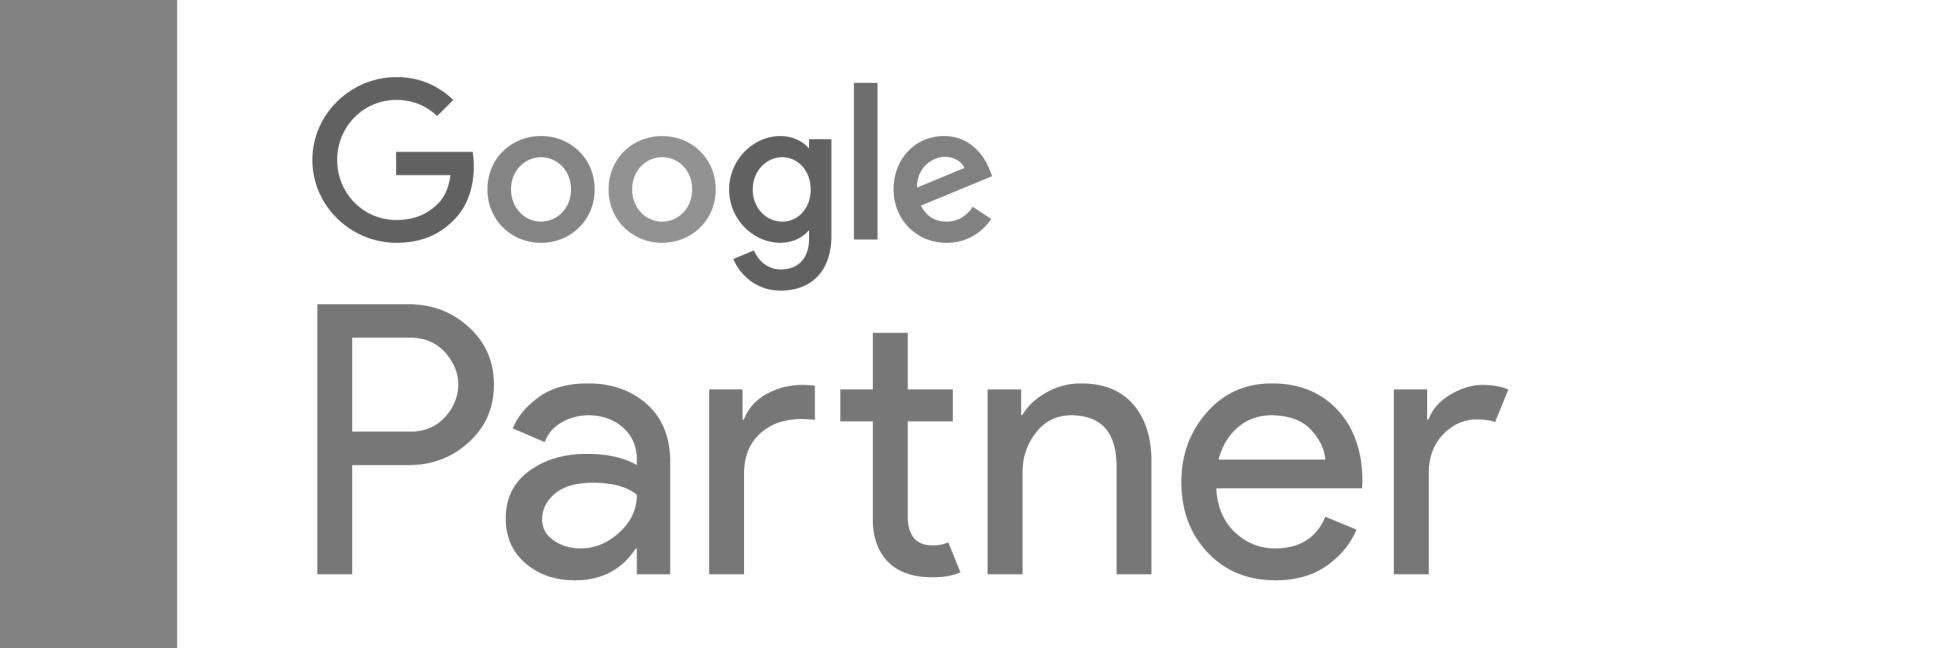 google_test.png